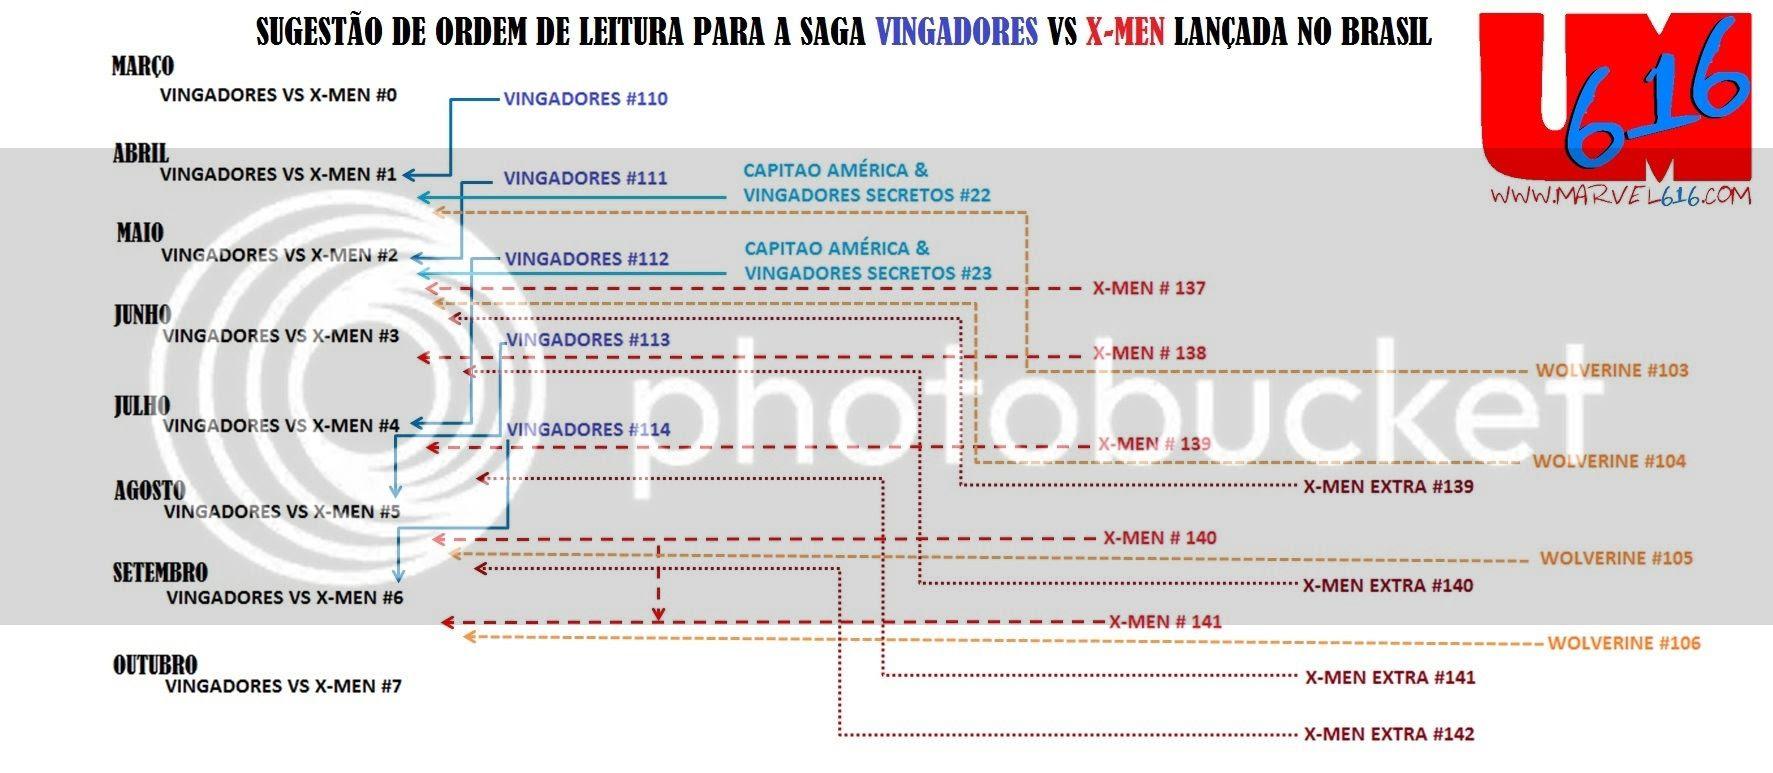 photo checklist-brasil-vvx-final.jpg